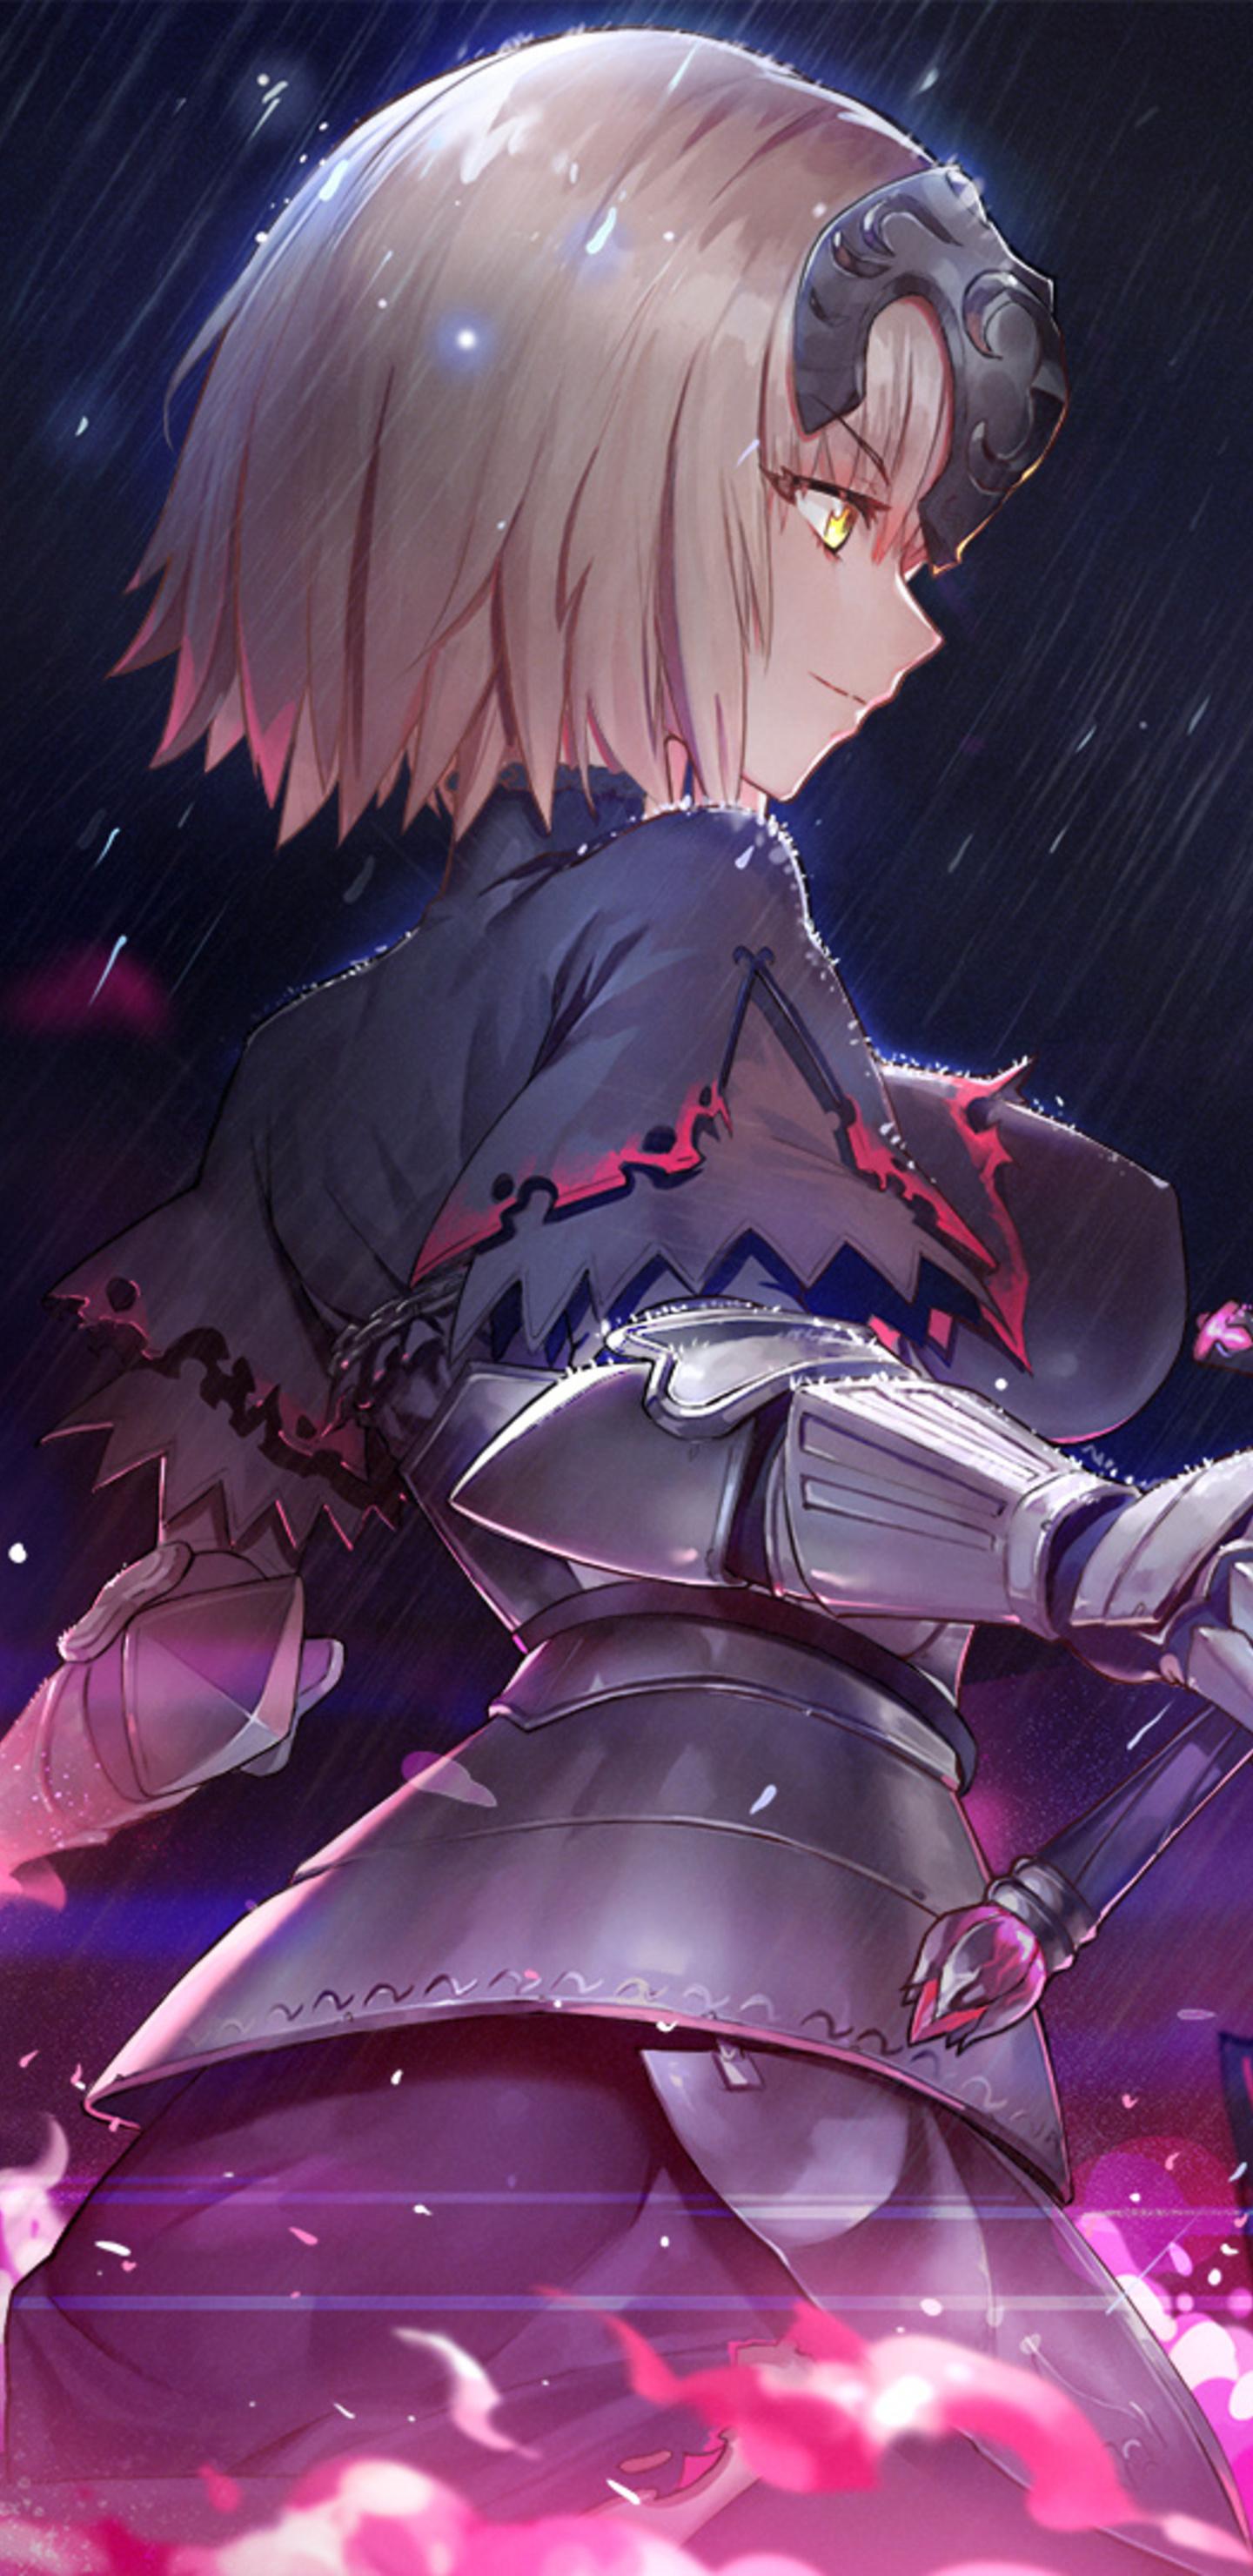 Fate Grand Order Anime Hx Jpg